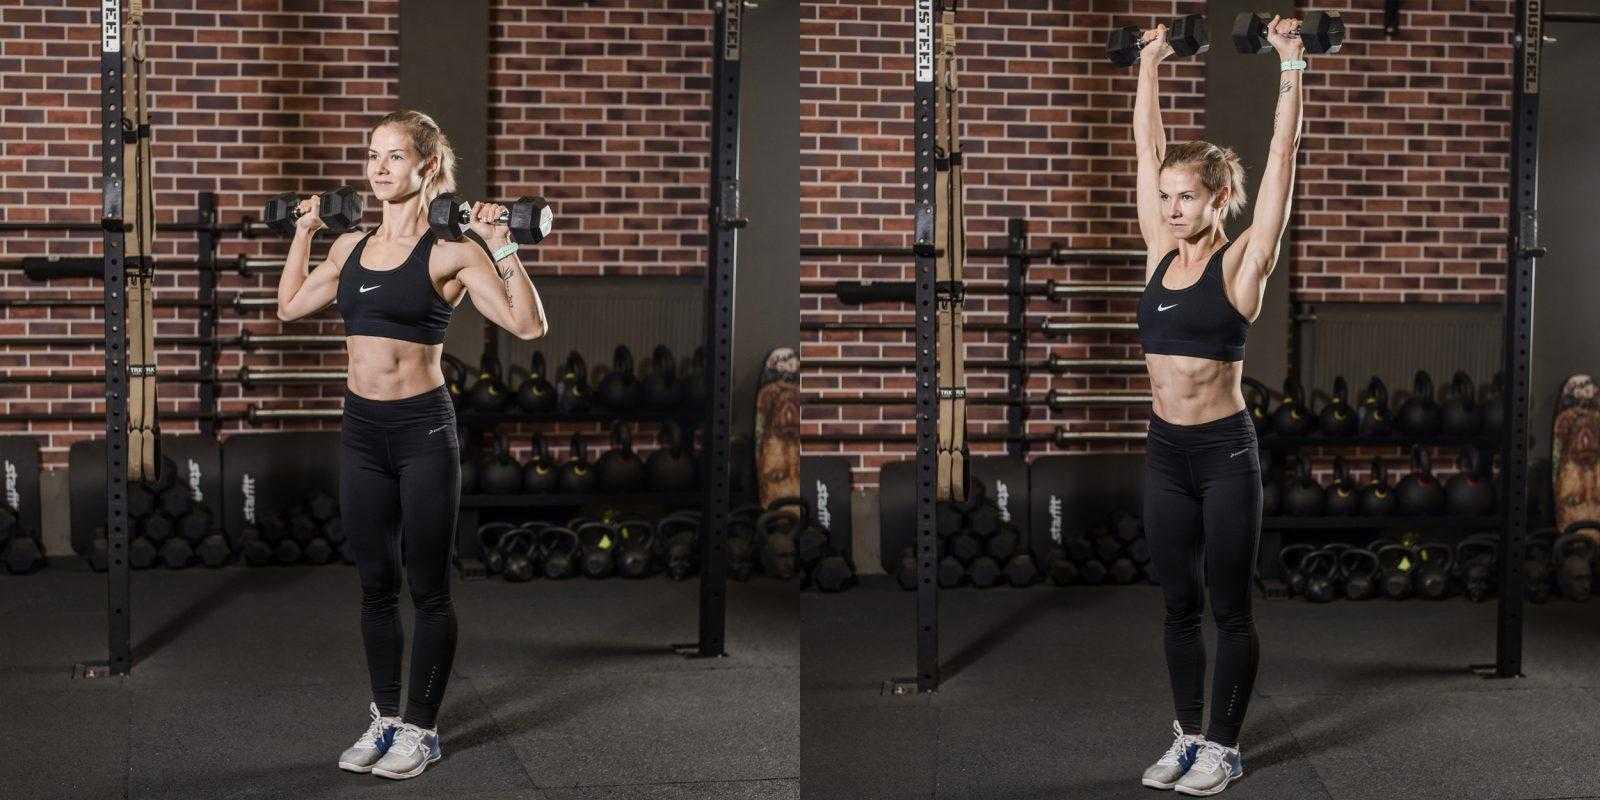 Как накачать грудные мышцы девушке в домашних условиях: лучшие упражнения для груди для женщинwomfit